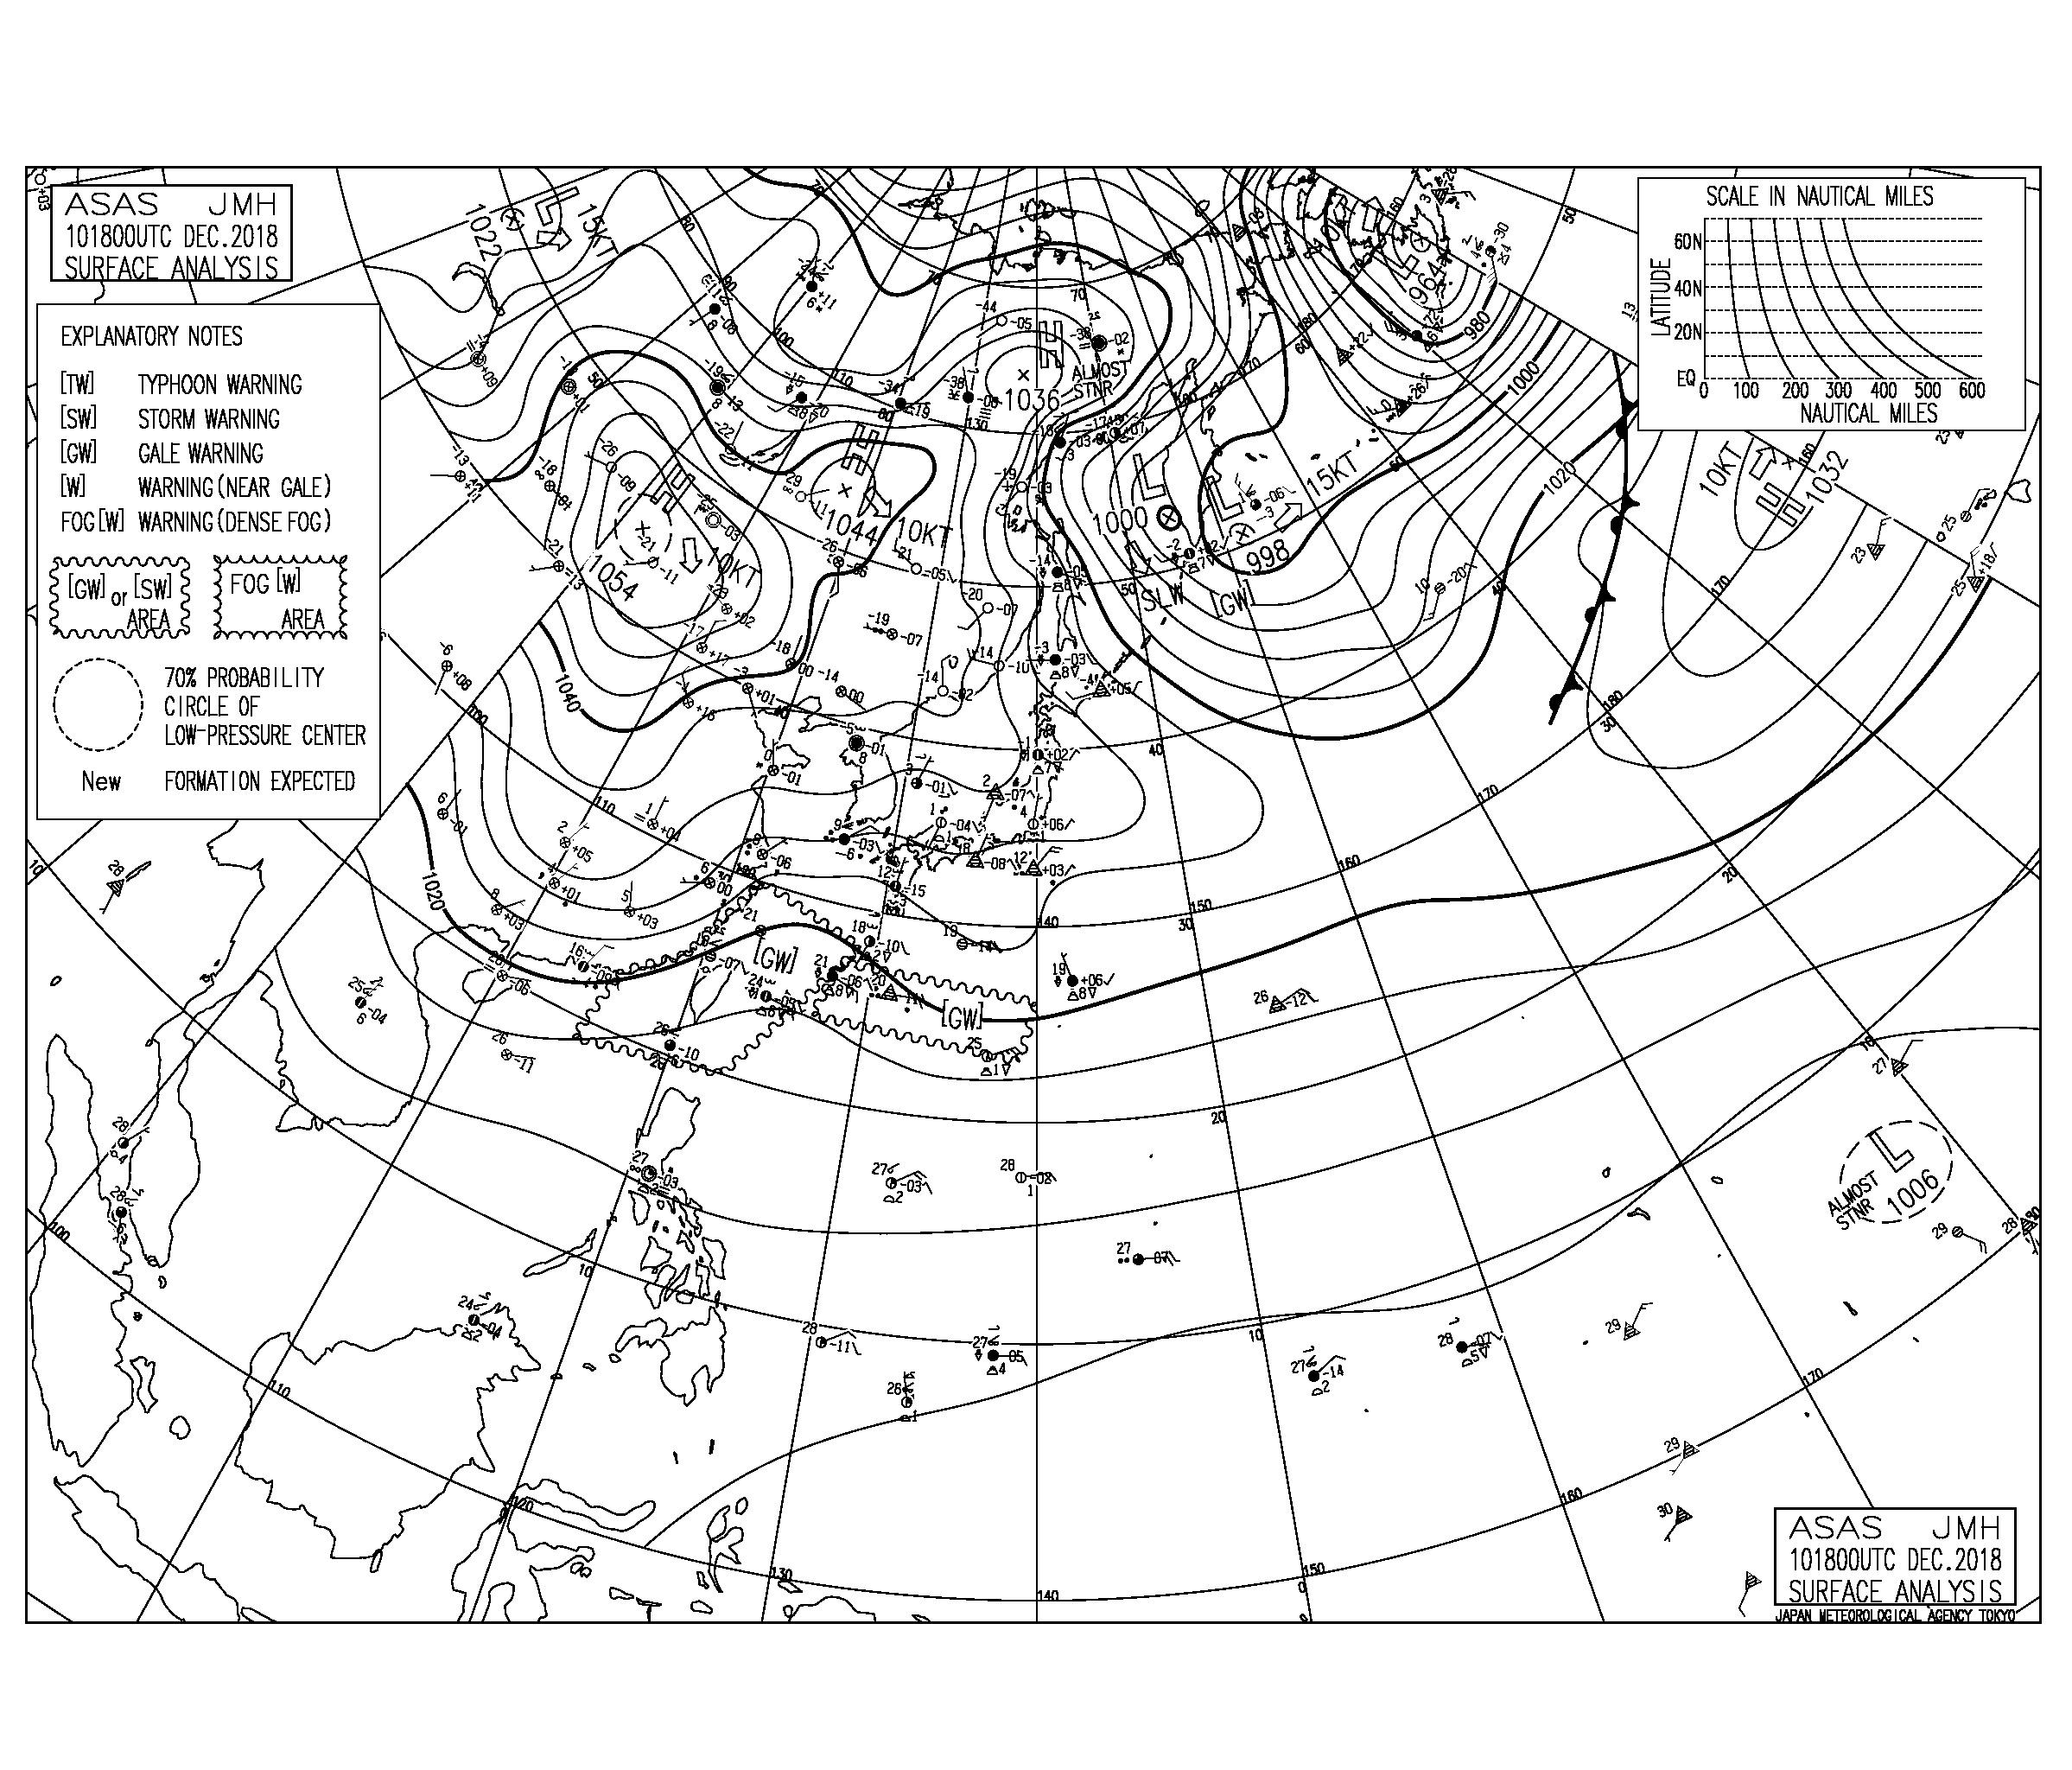 東うねりに弱く反応し物足りないコンディション、明日は低気圧通過でサイズアップしてきそう!(181211)